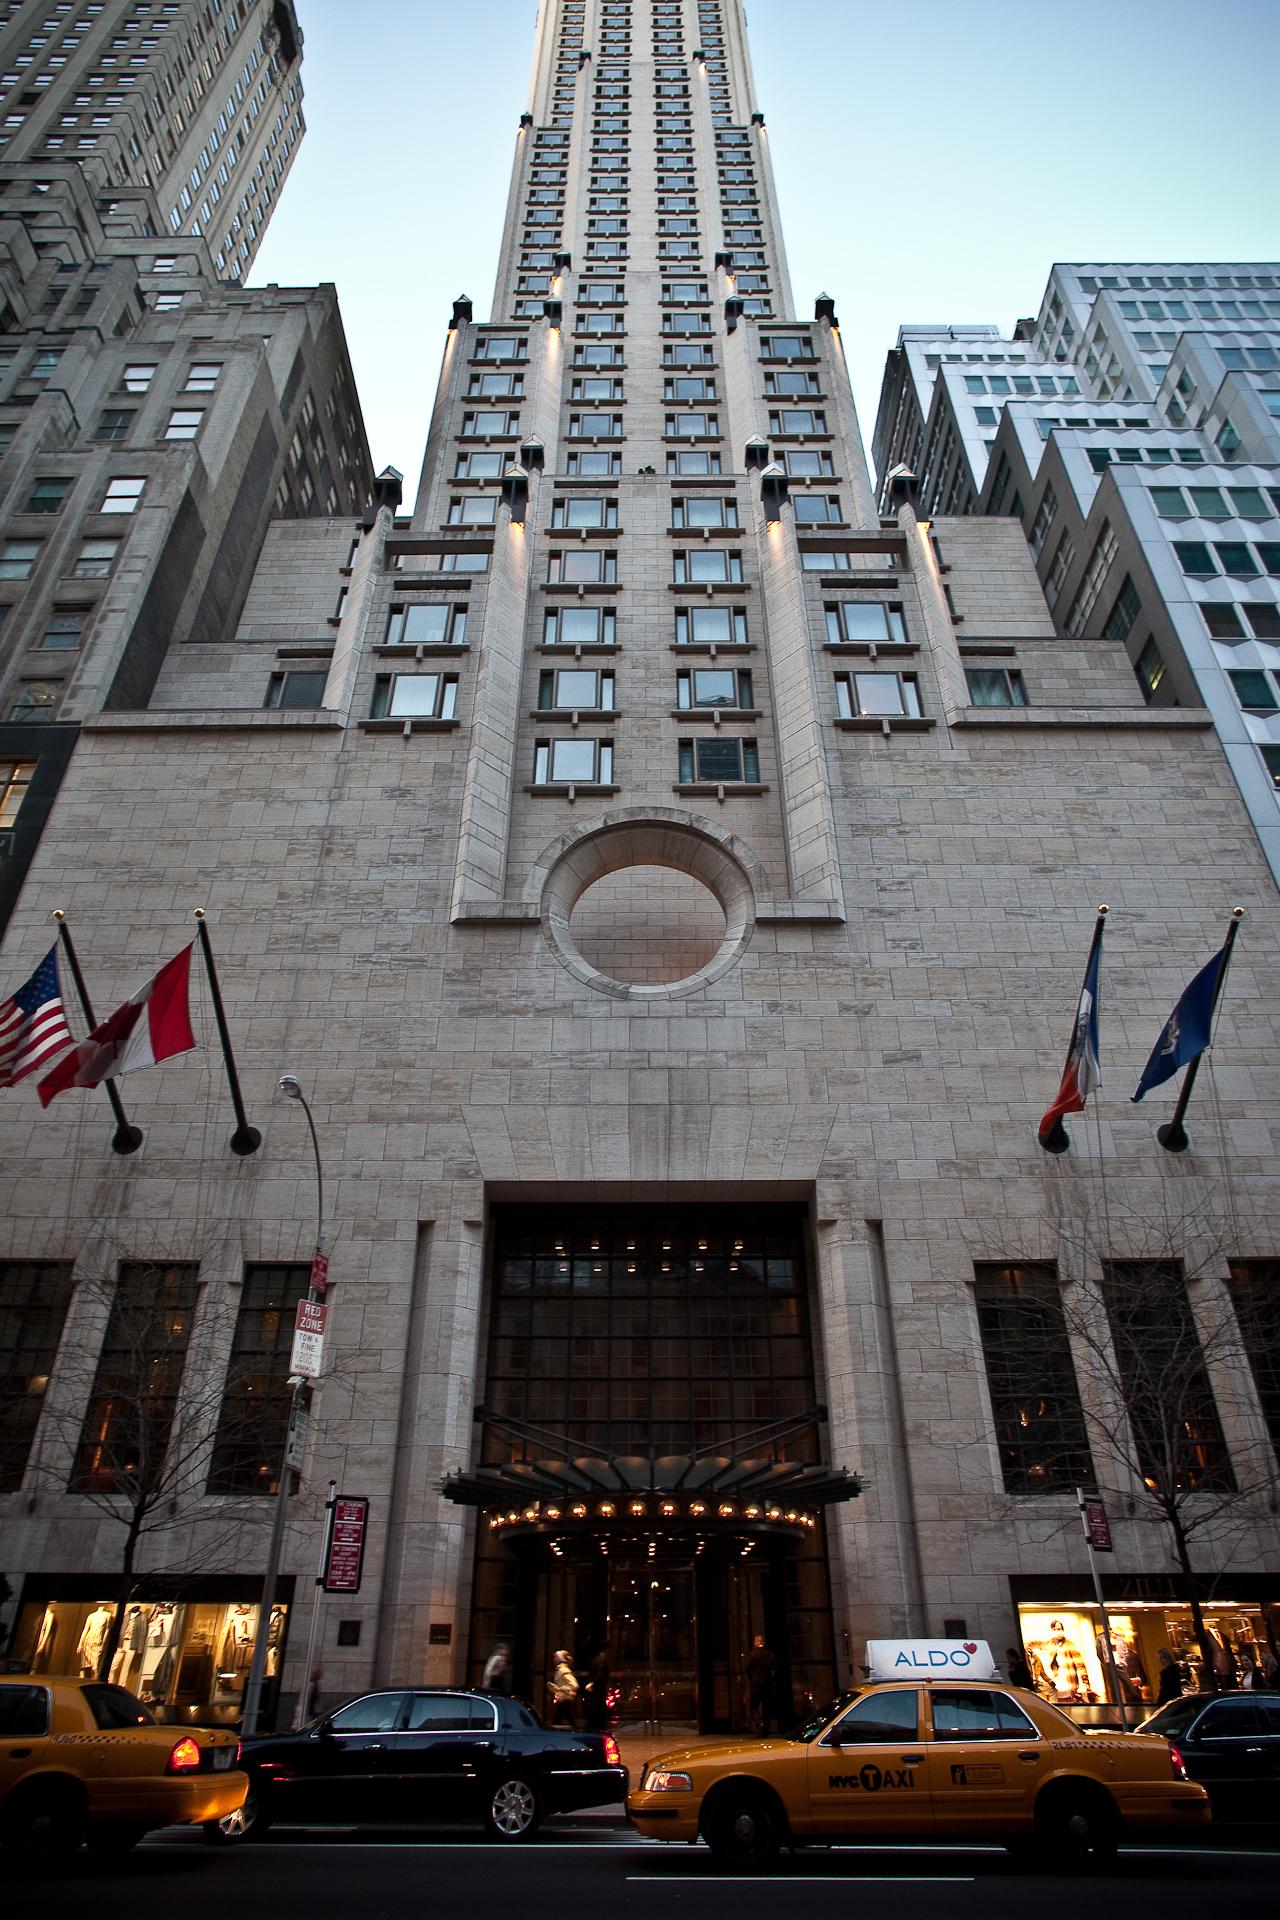 マンハッタンの天空を突き抜けるようにそびえ立つ「フォーシーズンズ・ホテル・ニューヨーク」